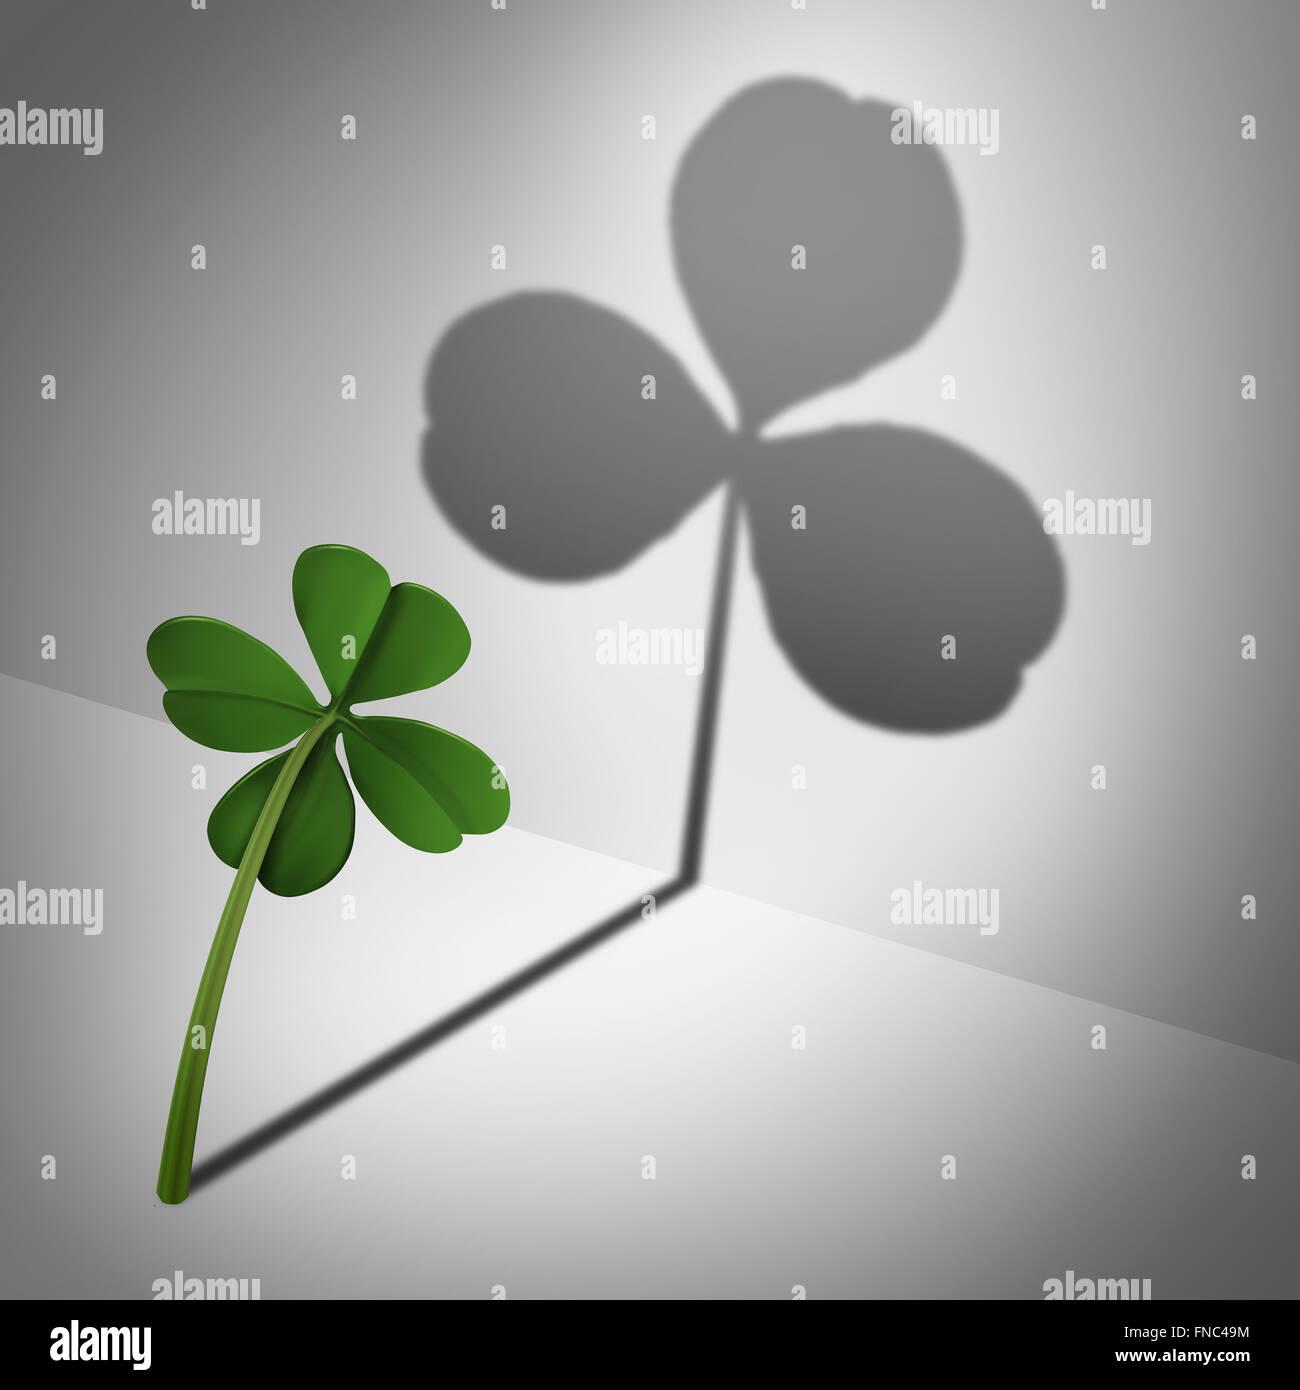 Baja autoestima concepto psicológico como un trébol de cuatro hojas con una sombra sólo tres hojas Imagen De Stock